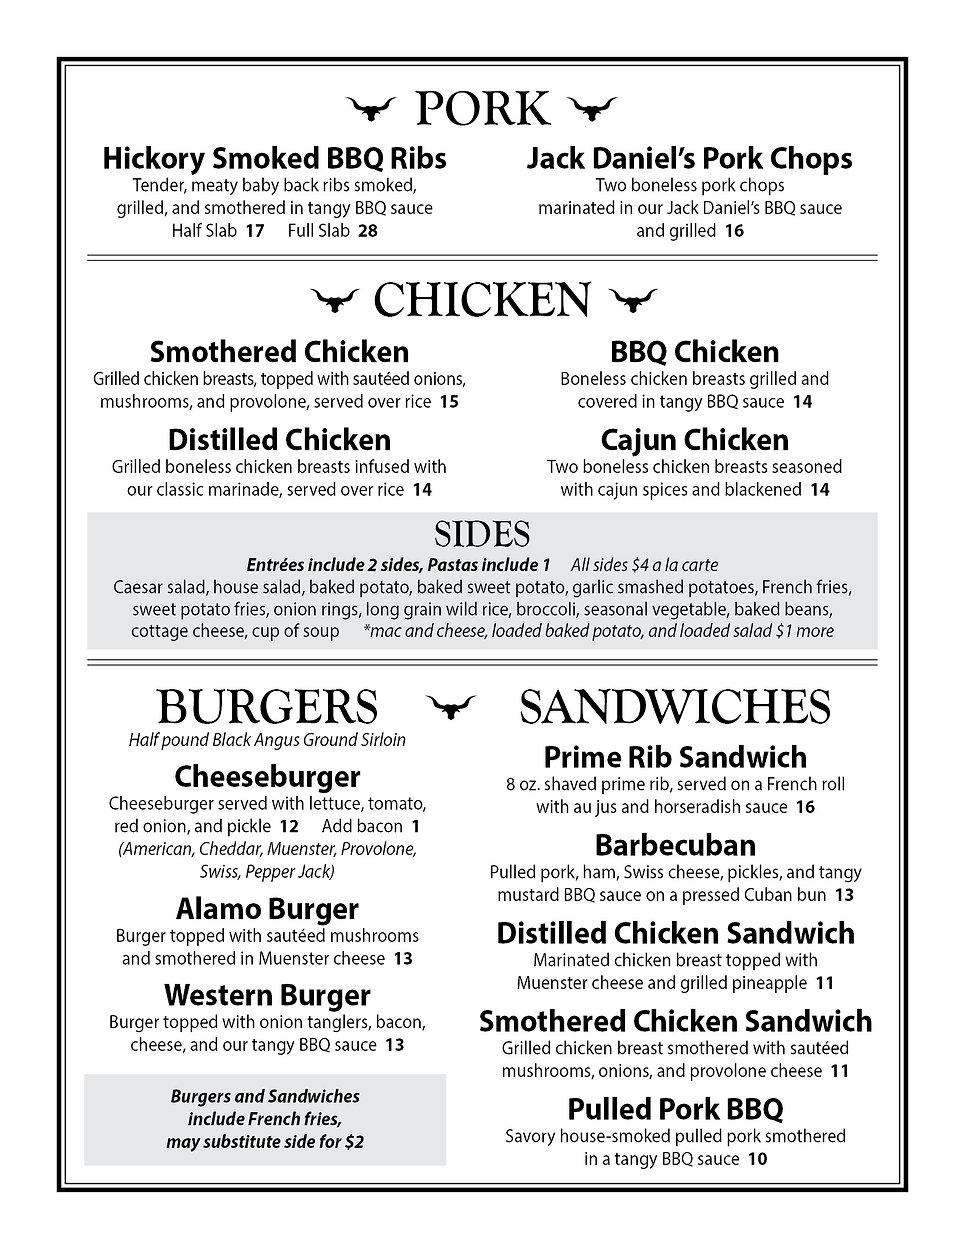 Pork Chicken Burgers & Sandwiches.jpg